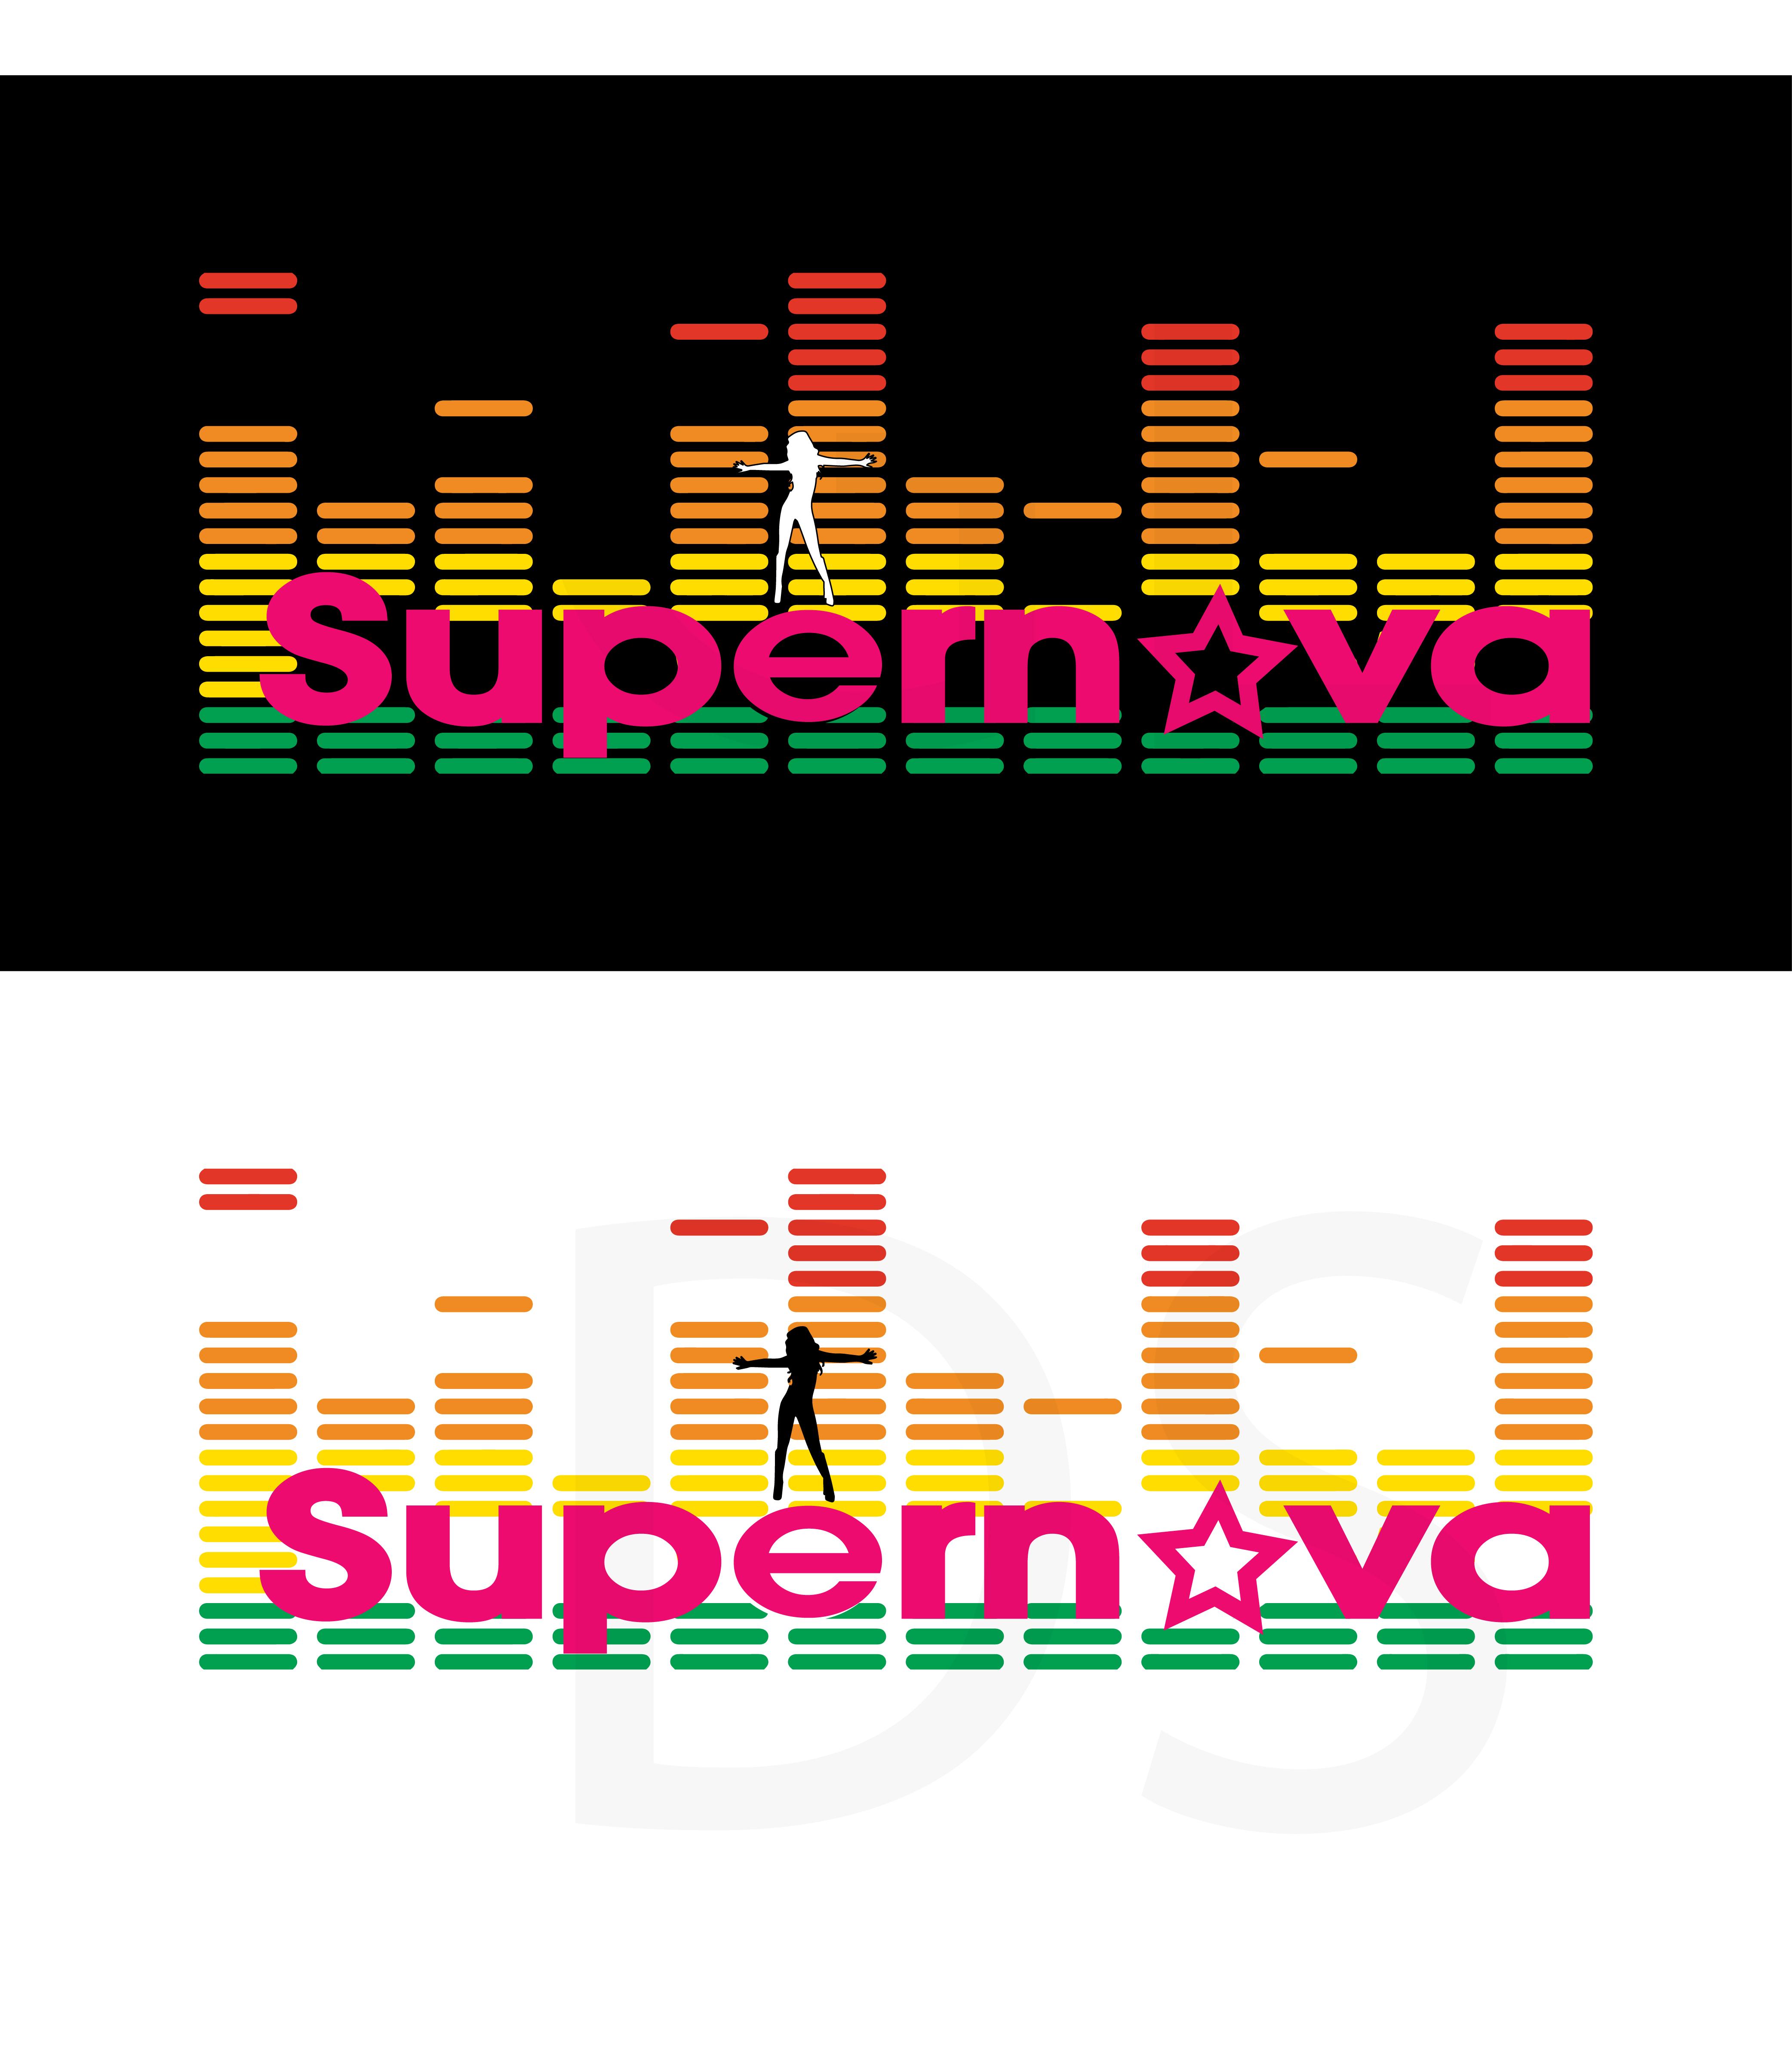 Logo Design by Goran Ledjenovic - Entry No. 47 in the Logo Design Contest Creative Logo Design for Supernova.